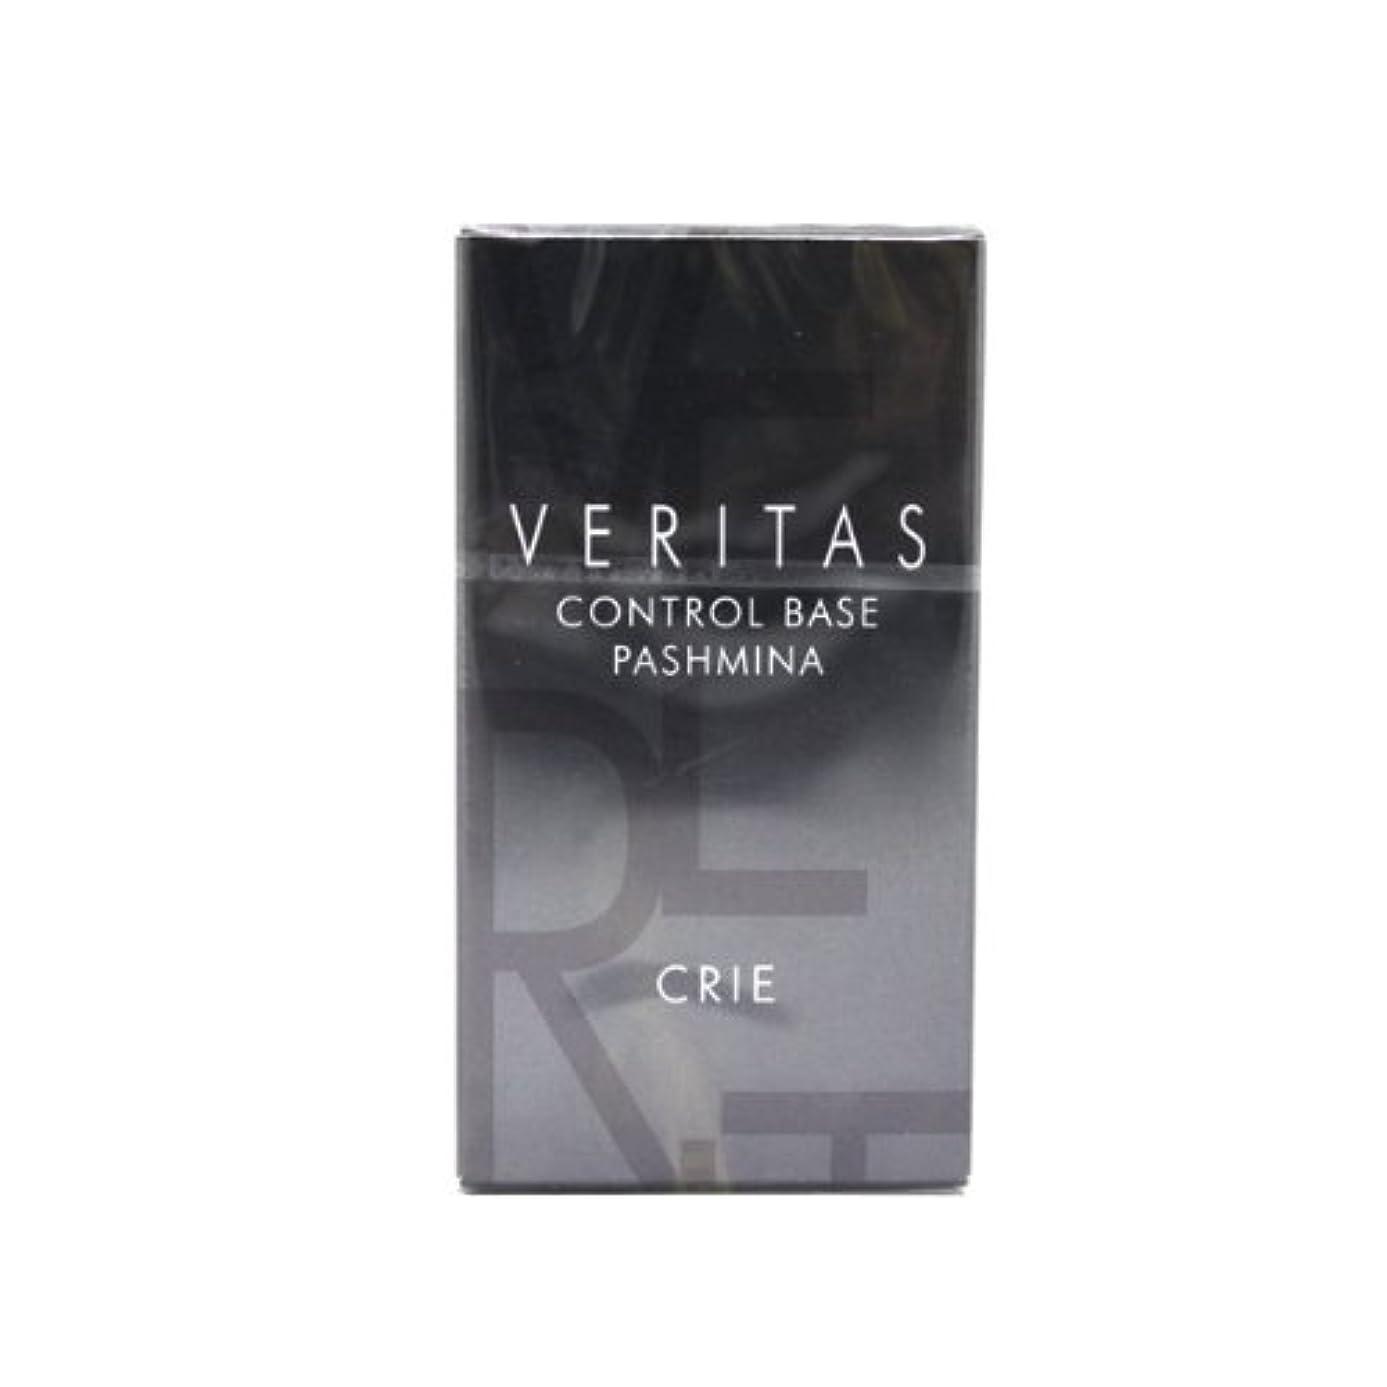 方向繊毛不正確CRIE(クリエ) ヴェリタス コントロールベース パシュミナ 051 オレンジ 30ml